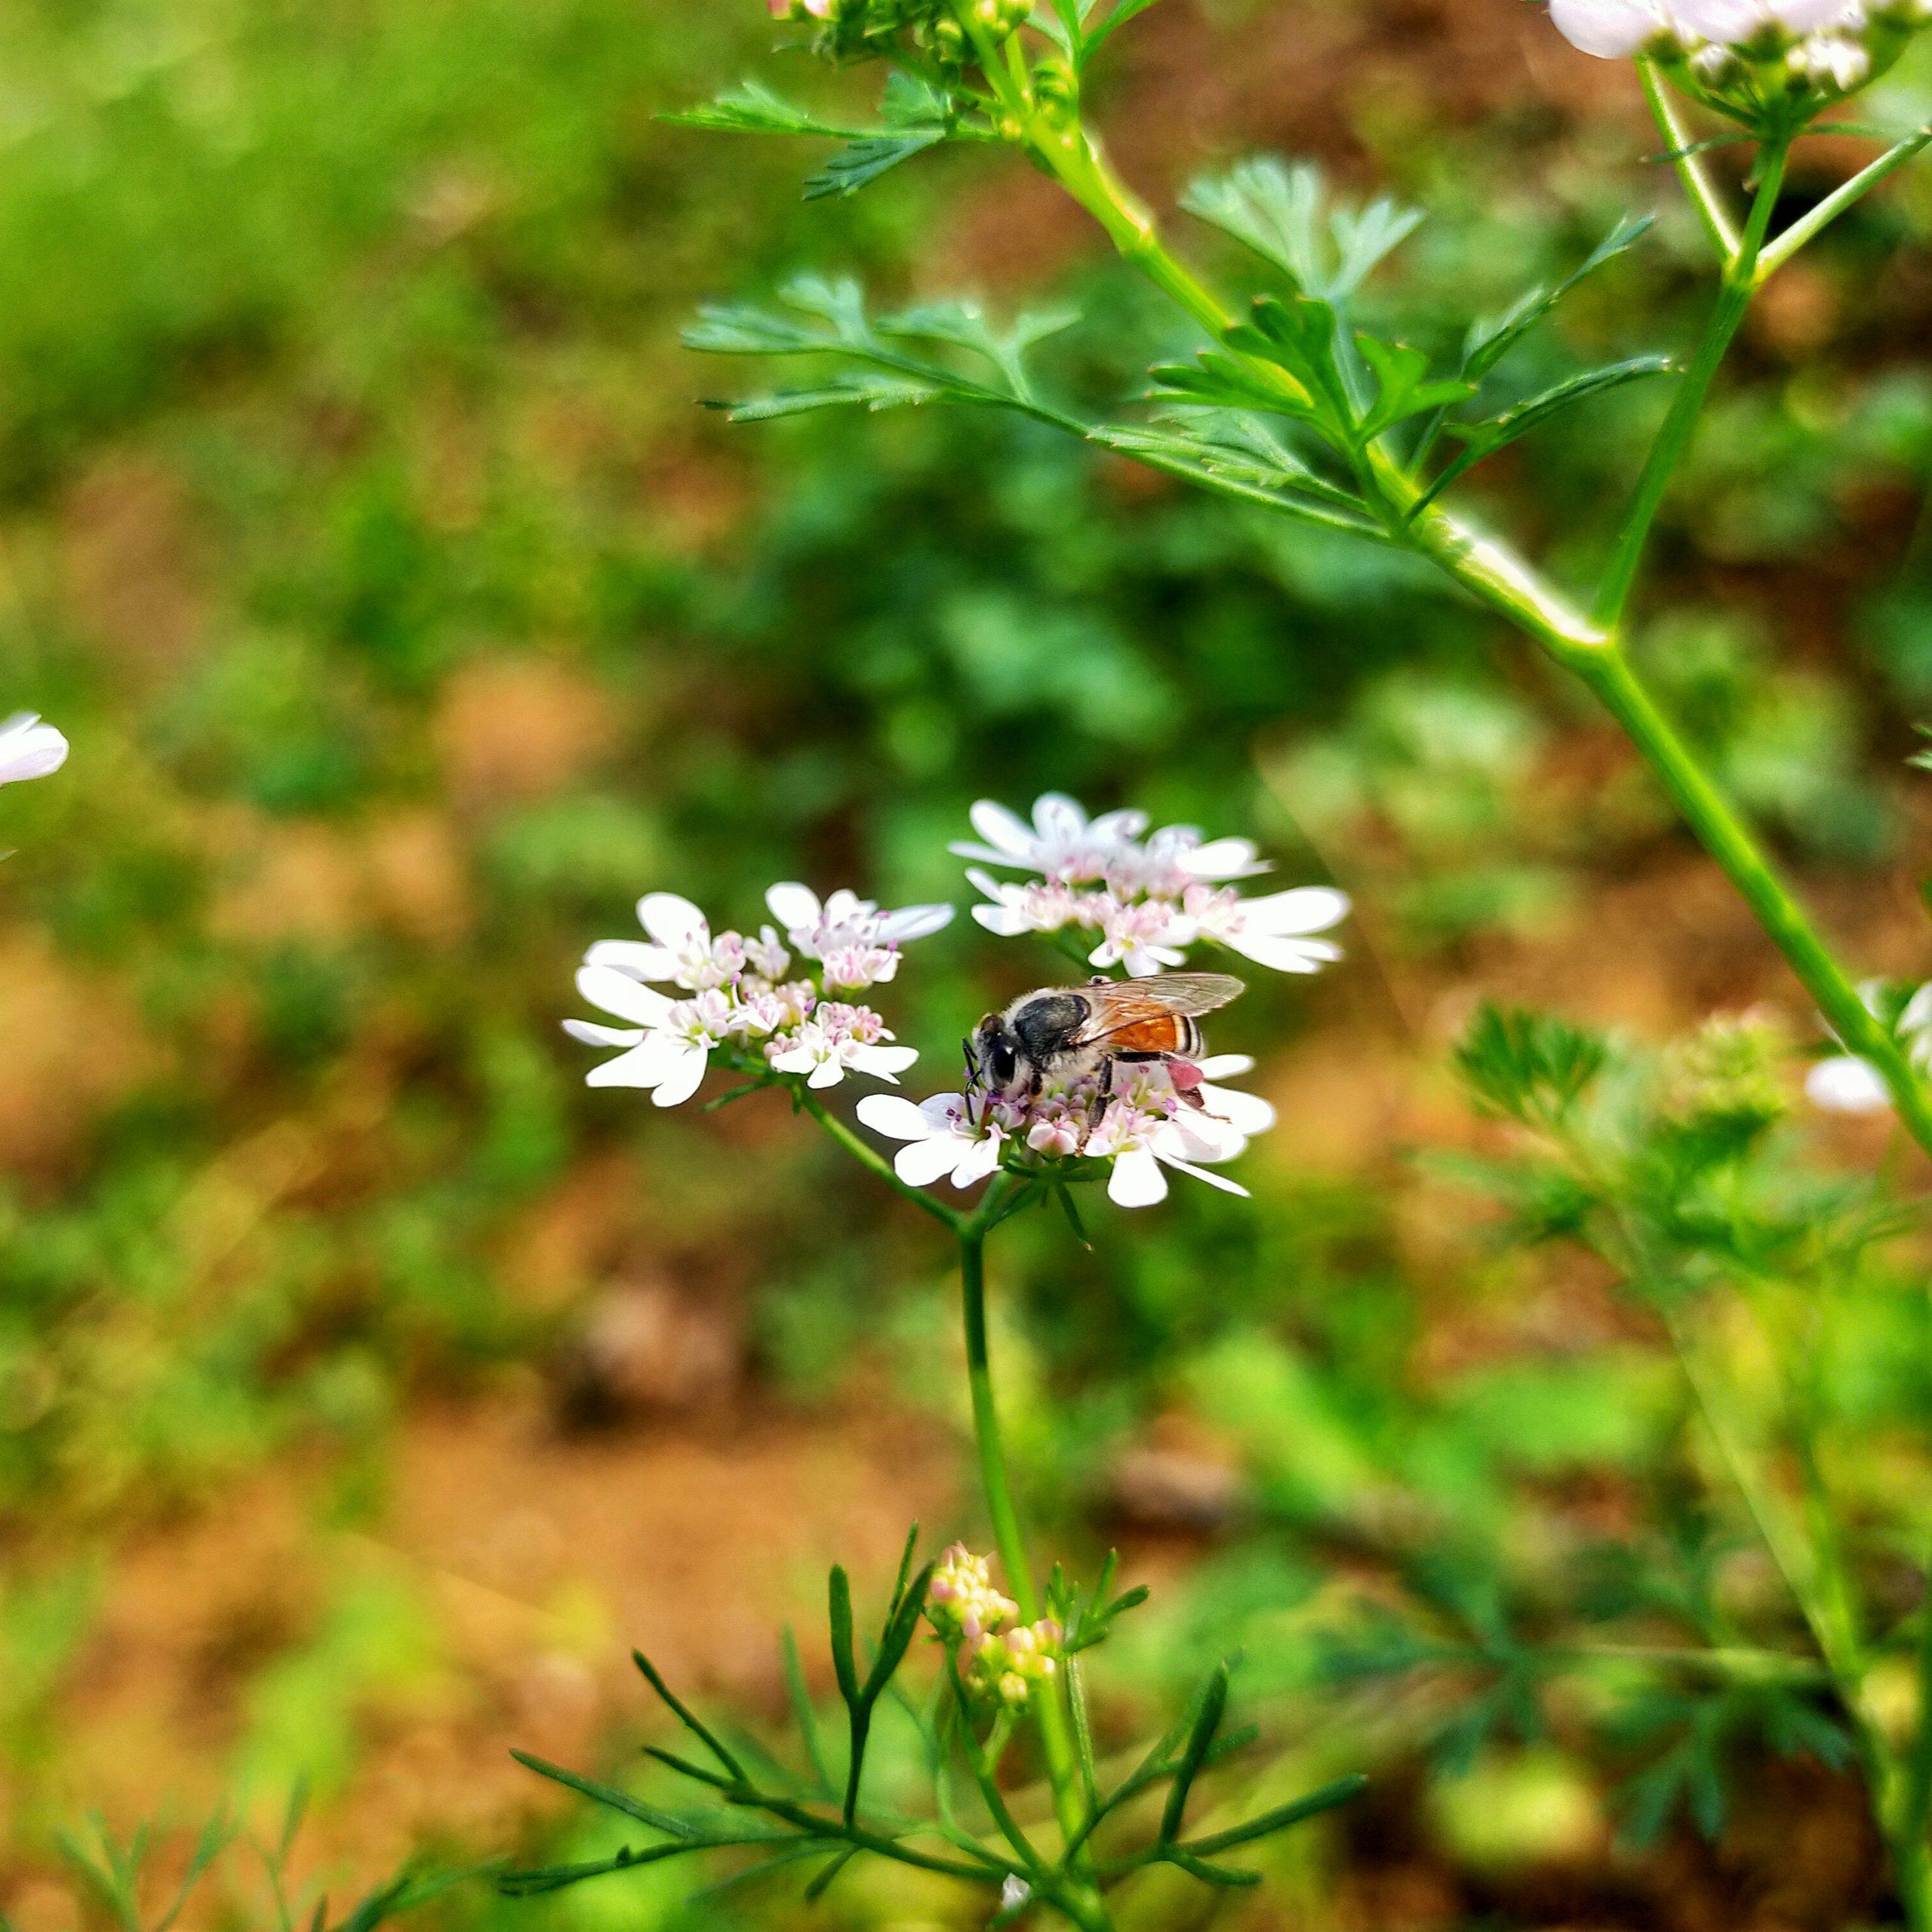 Honey bee on the flower